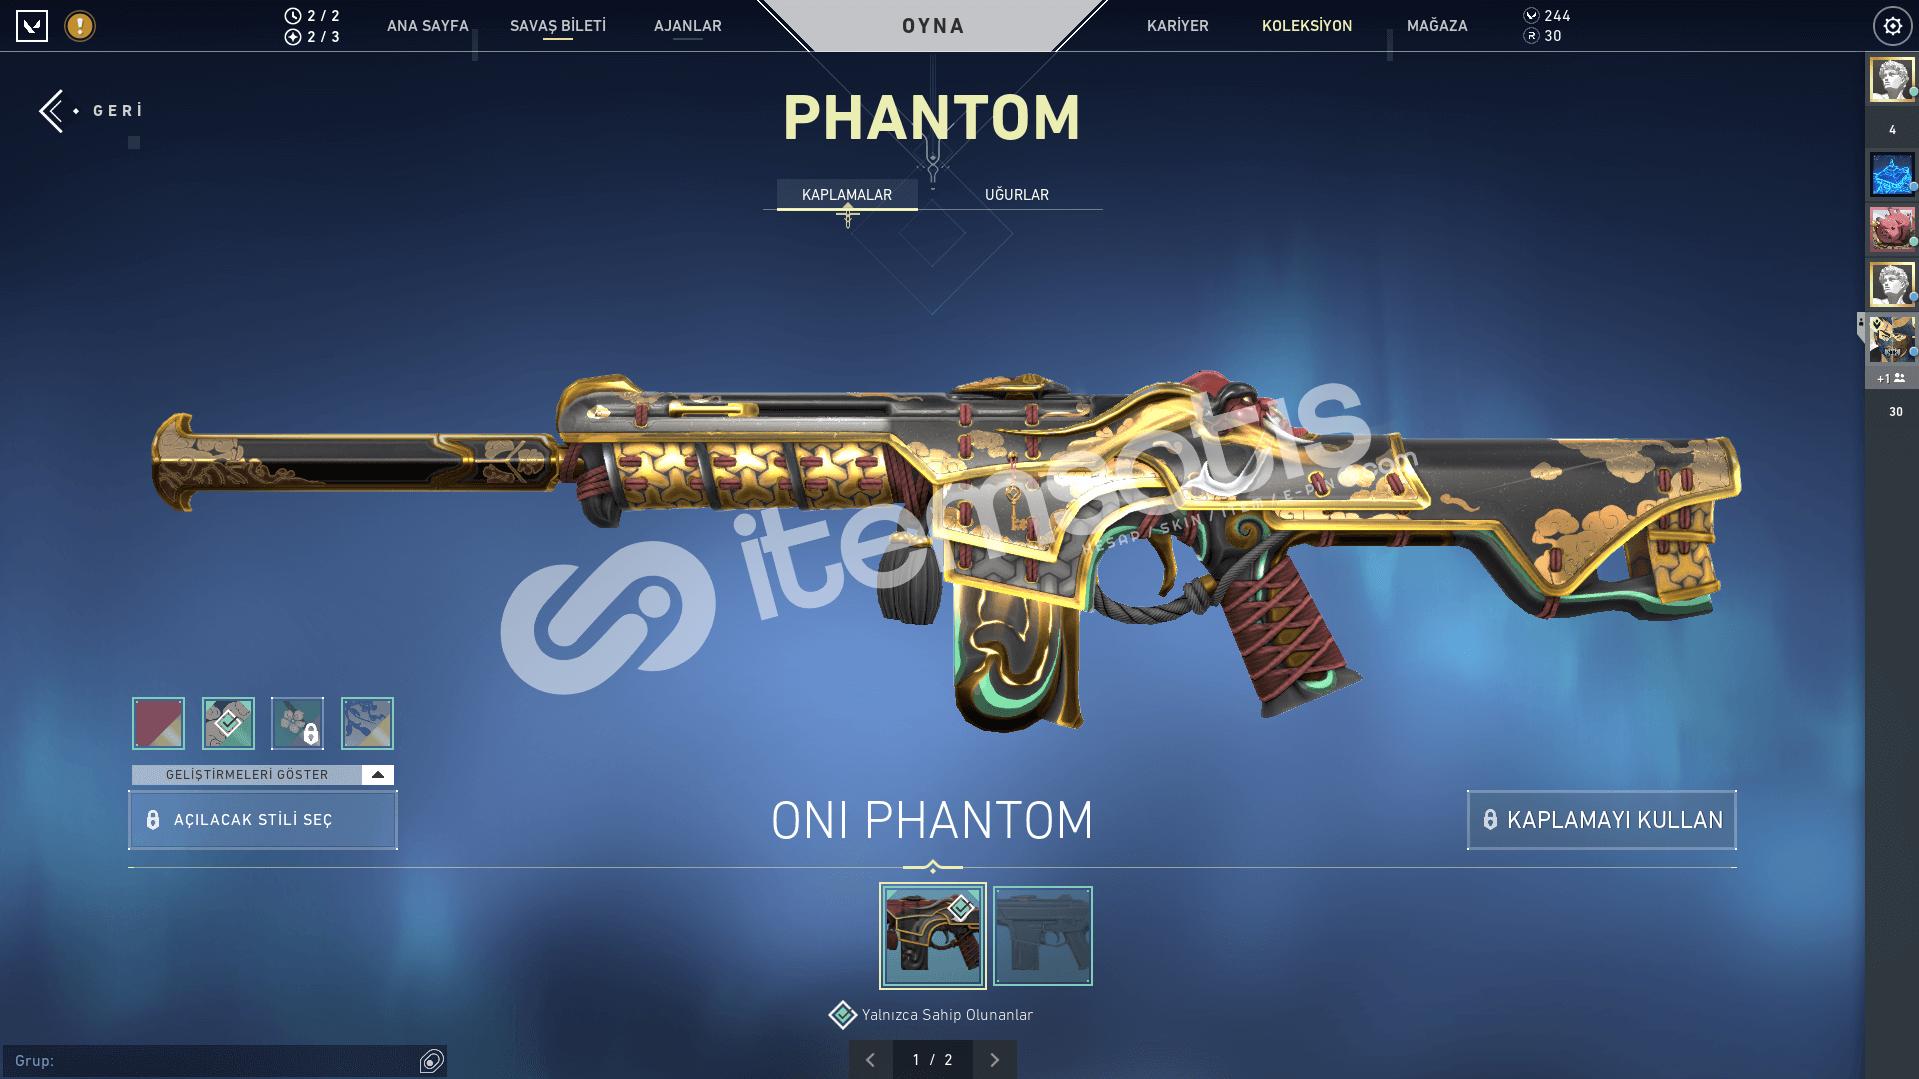 2 Bıçaklı ve 1 Phantom skinli hesap satılır.